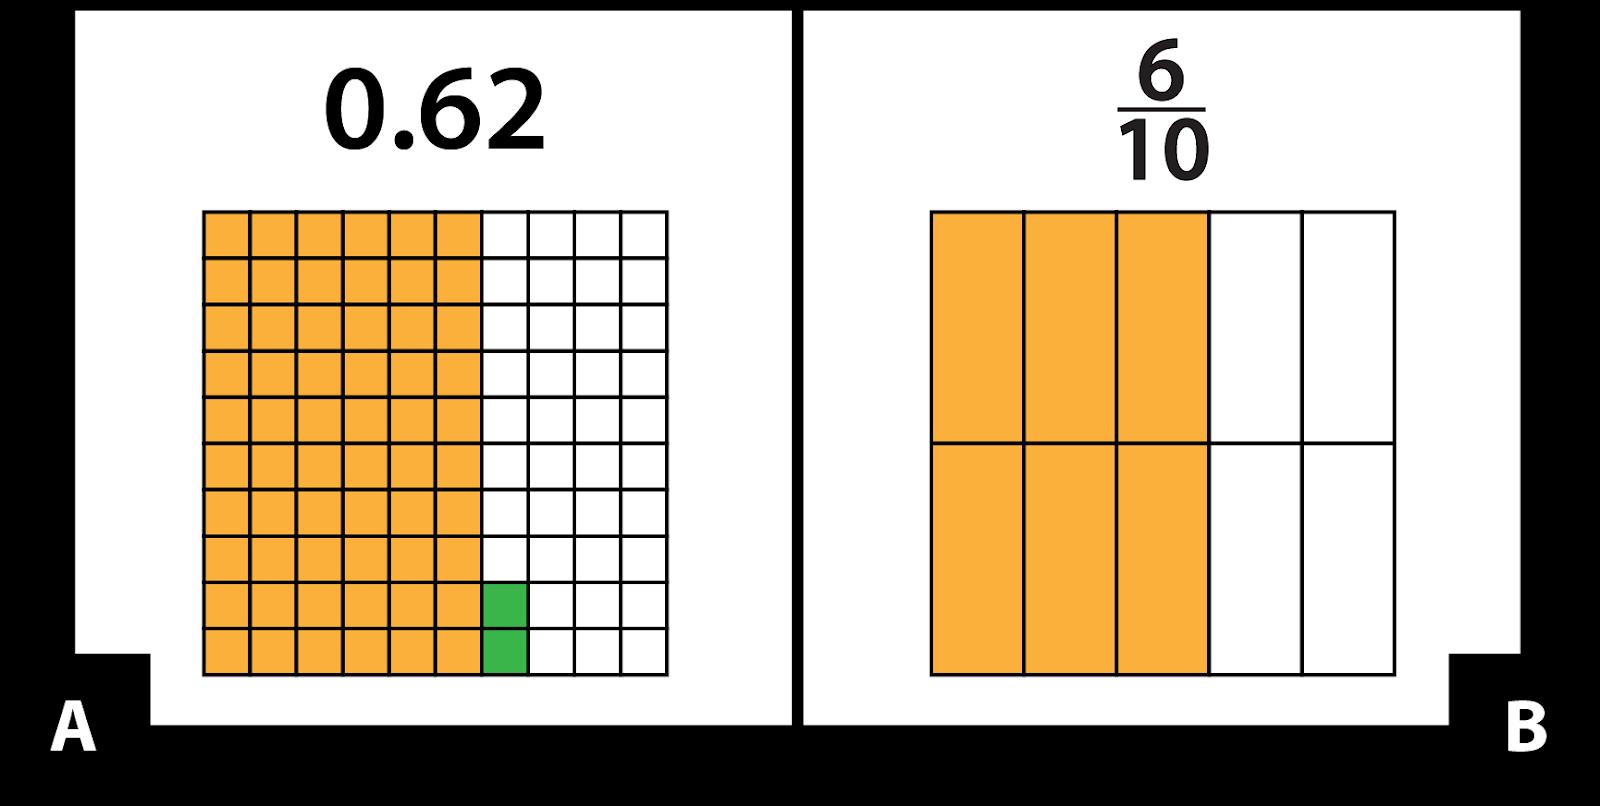 A: 0.62 mostrado en una cuadrícula de 10 por 10. 6 columnas son anaranjadas y 2 cuadrados en la séptima columna son verdes. B: 6 décimos mostrados en una cuadrícula de 2 por 5. 3 de las columnas son anaranjadas.